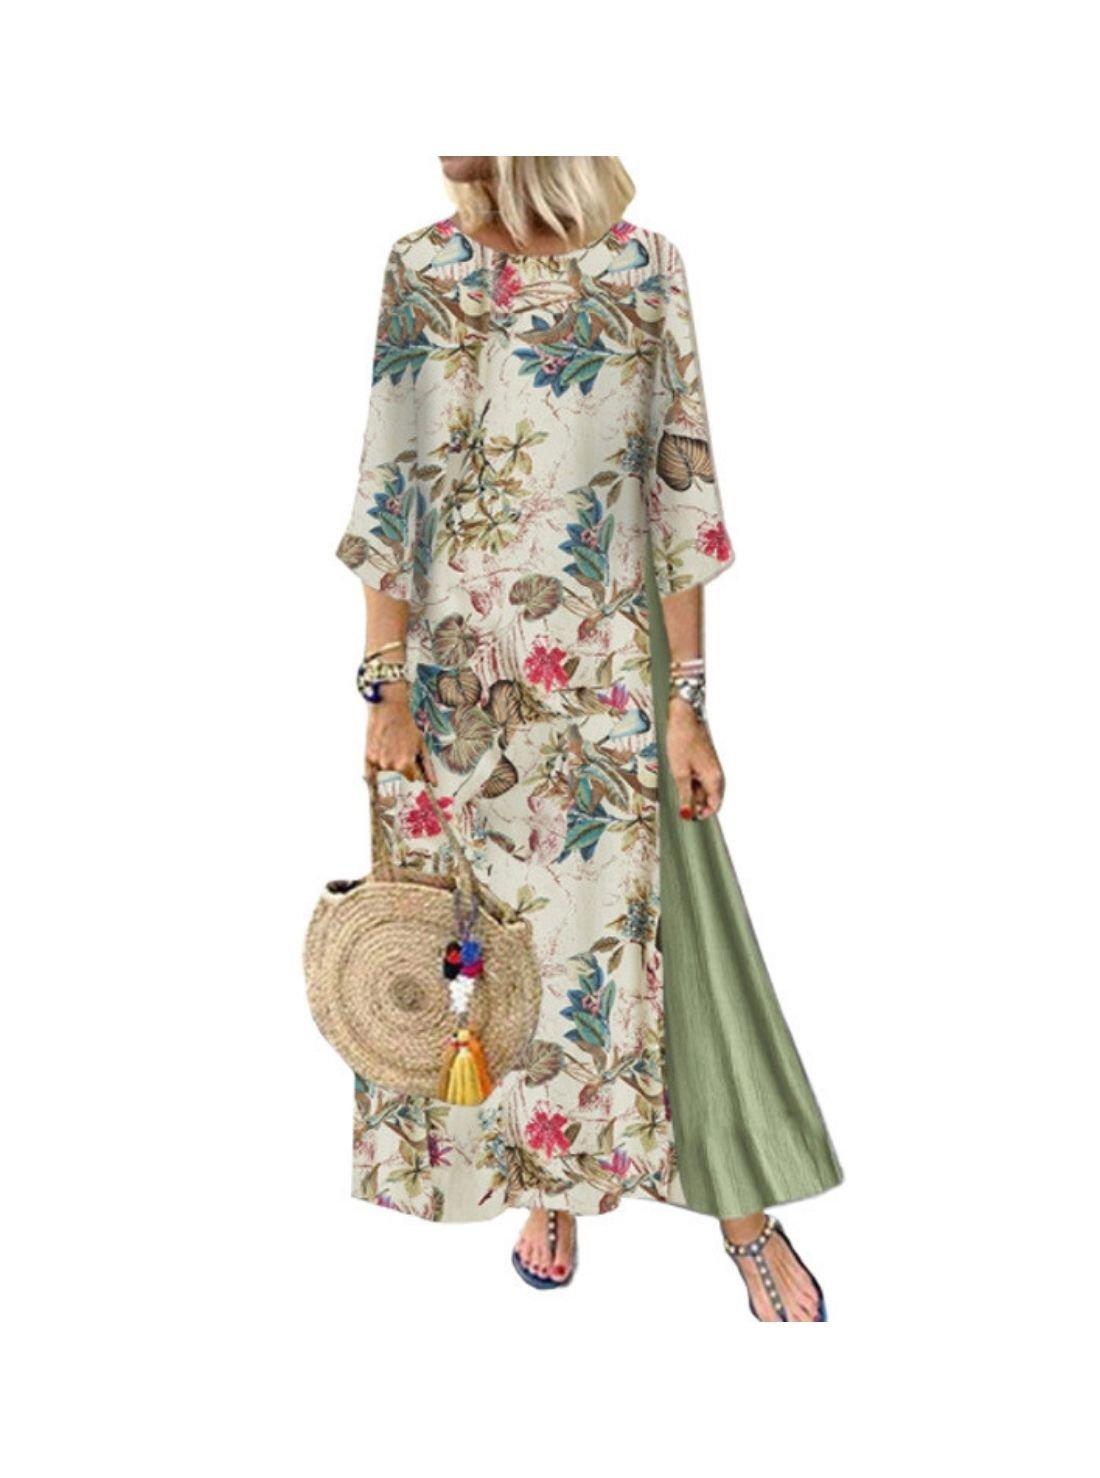 Wholesale Vintage Floral Round Neck Dress